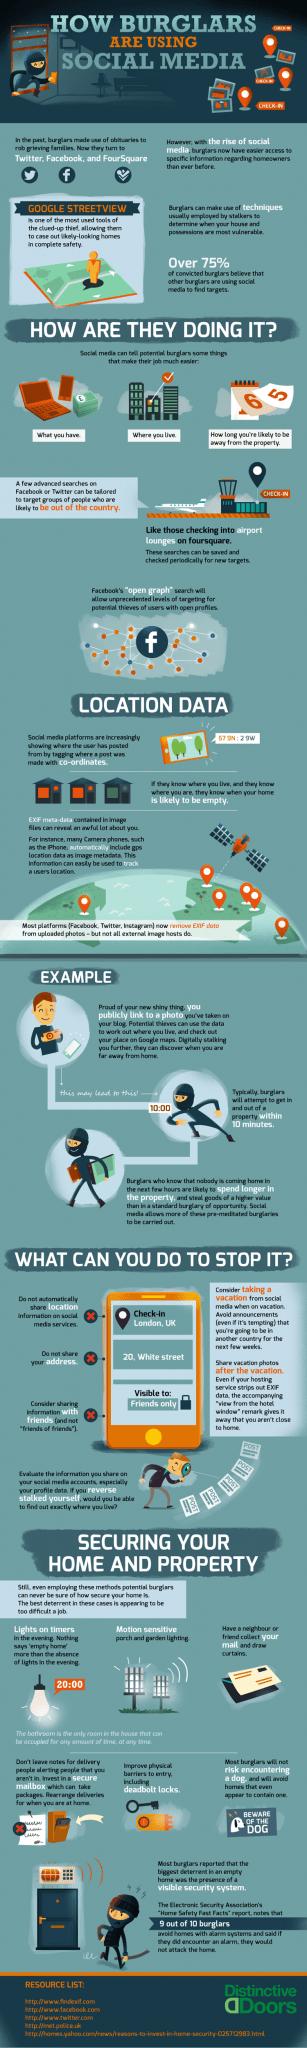 Hoe inbrekers social media gebruiken infographic